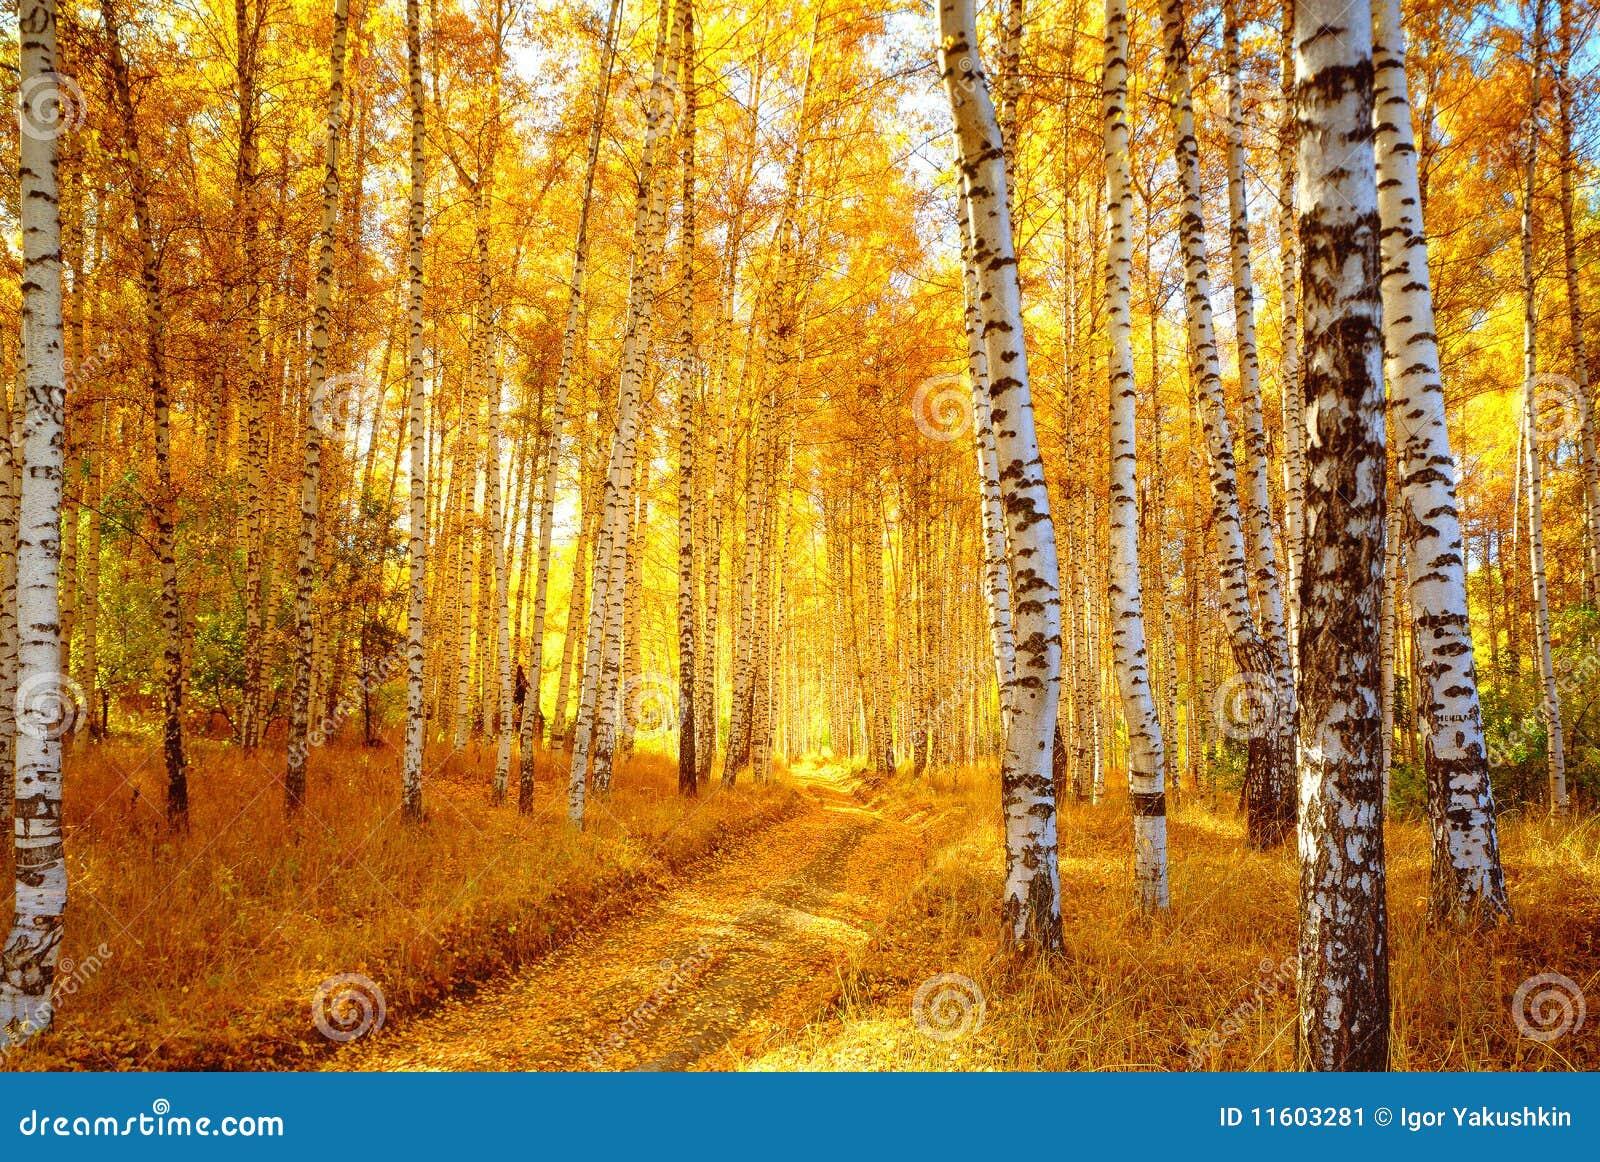 De berkbos van de herfst